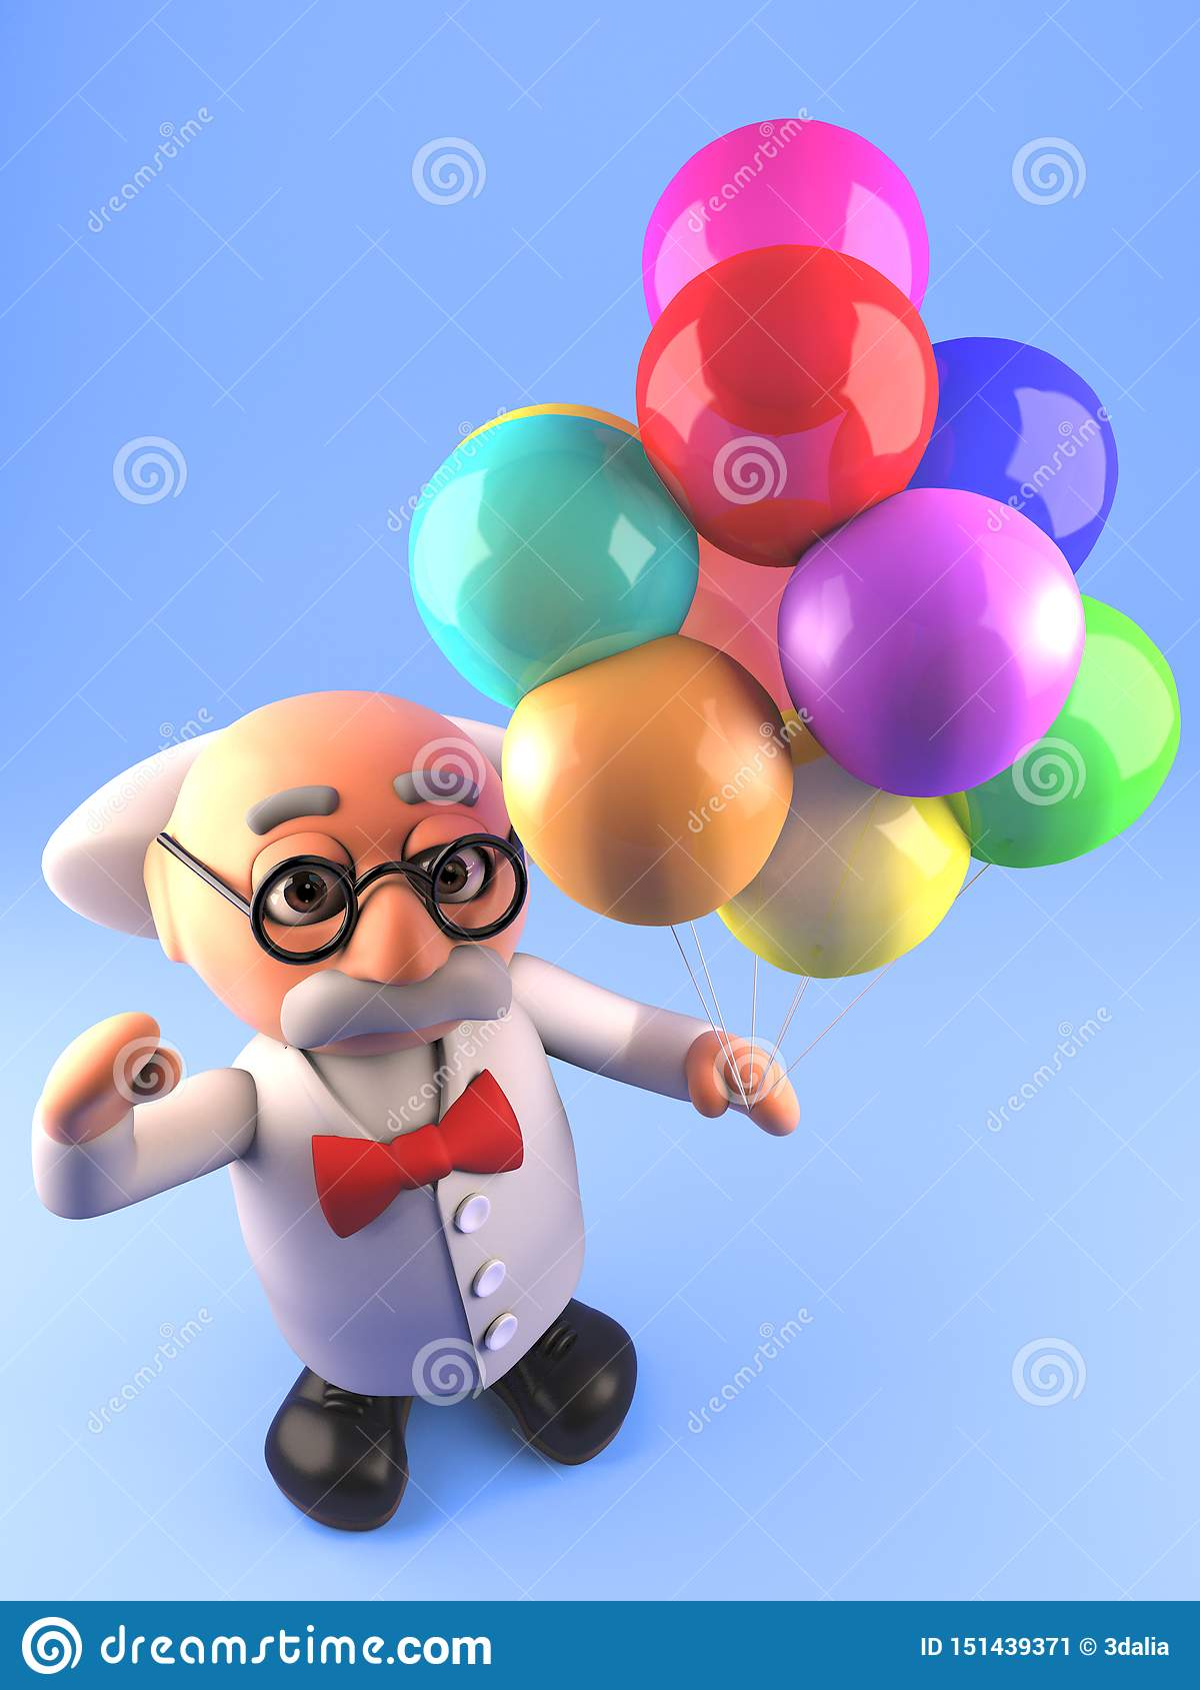 El profesor enojado del científico está en el humor con sus globos, del partido ejemplo 3d